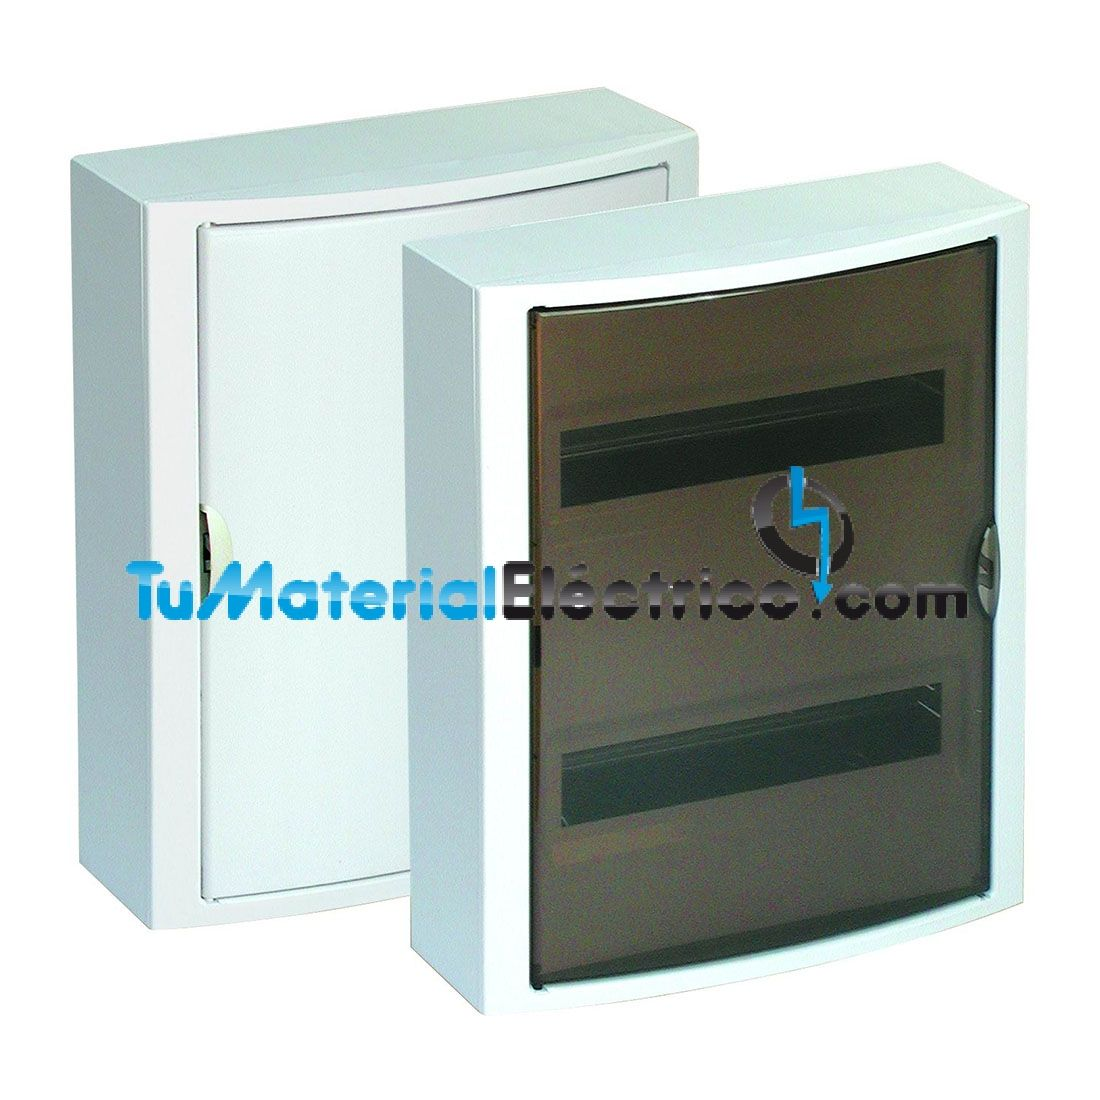 Cuadro el ctrico superficie 28 elementos solera 5281 for Cuadro electrico componentes